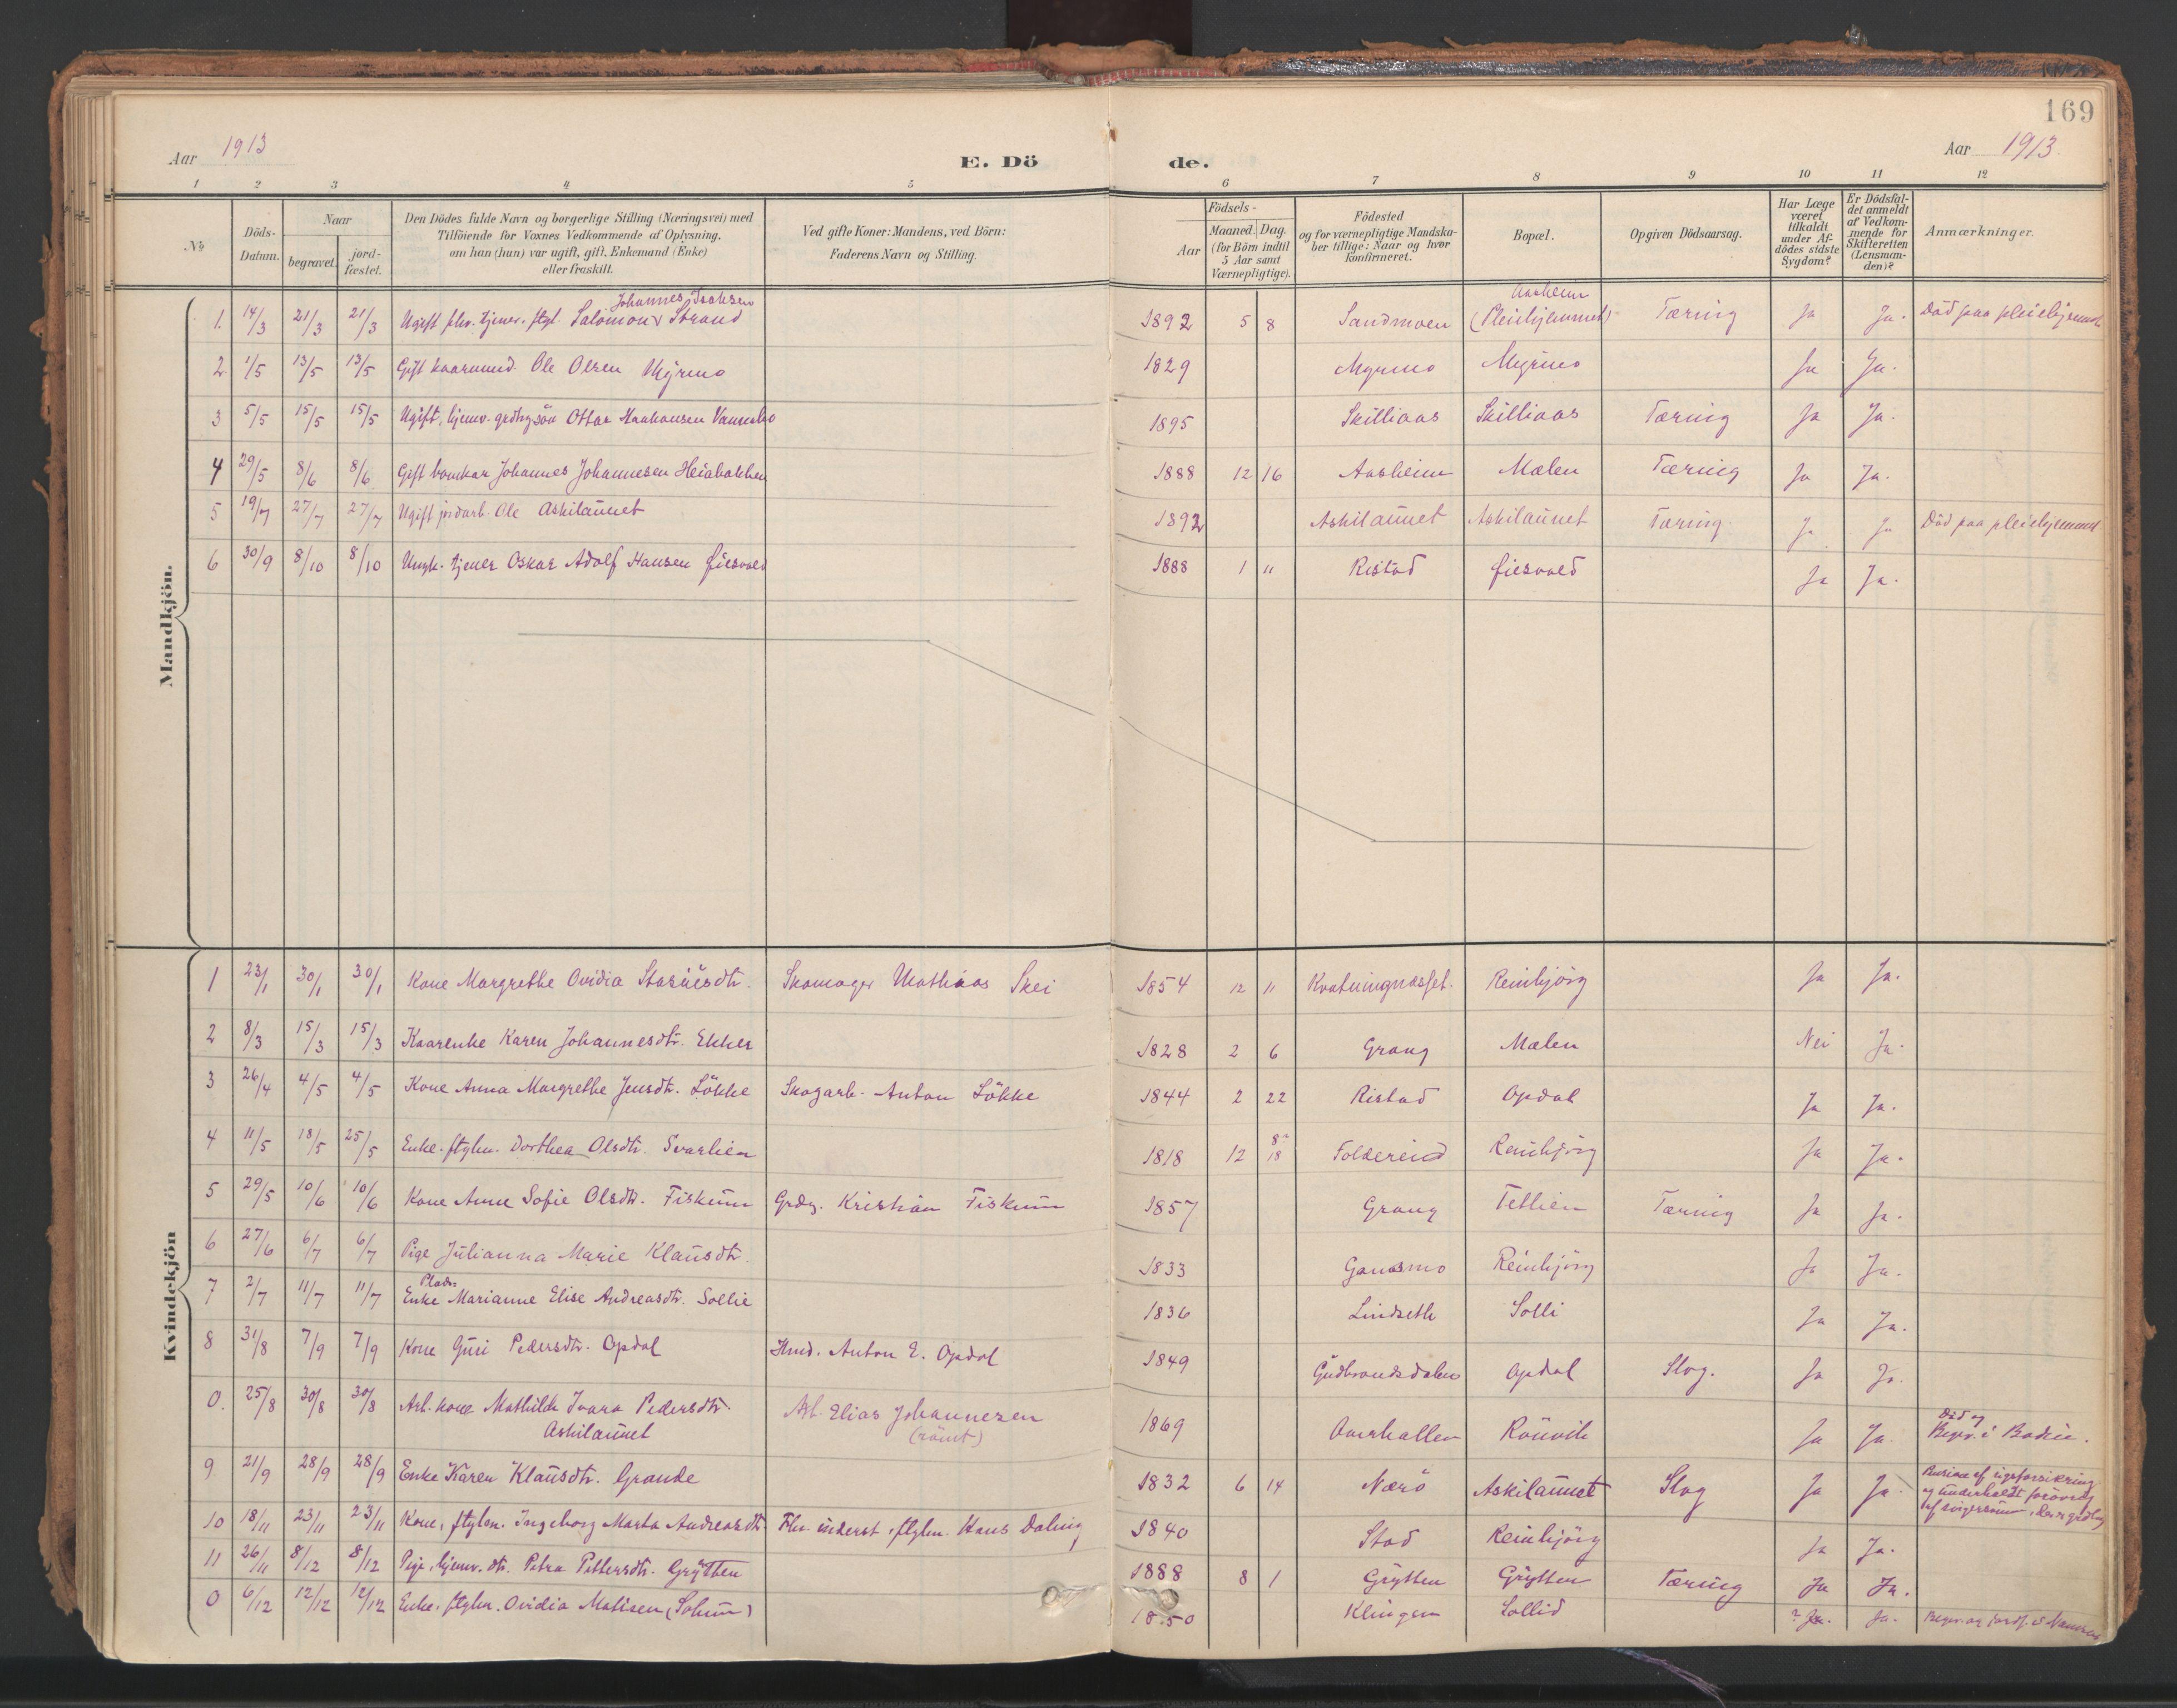 SAT, Ministerialprotokoller, klokkerbøker og fødselsregistre - Nord-Trøndelag, 766/L0564: Ministerialbok nr. 767A02, 1900-1932, s. 169